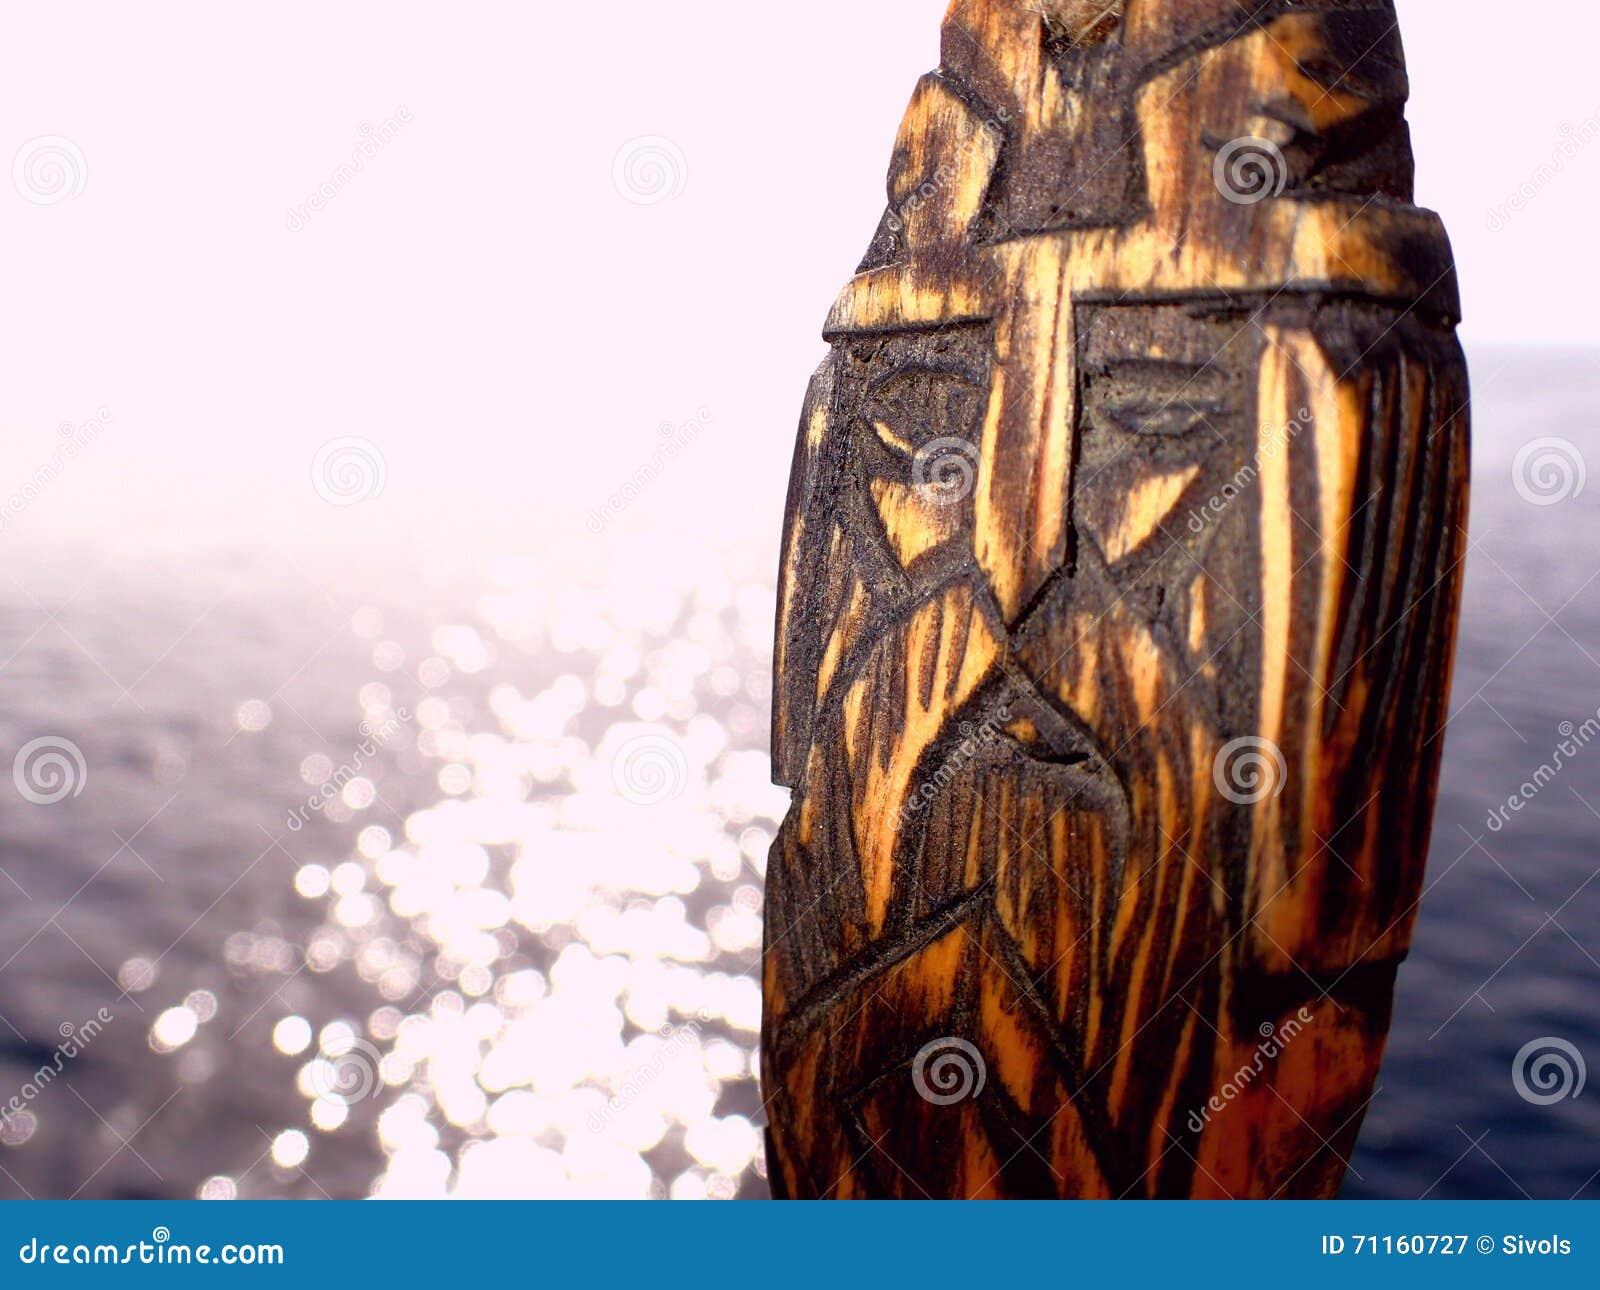 Amuleto de Odin en aguas abiertas